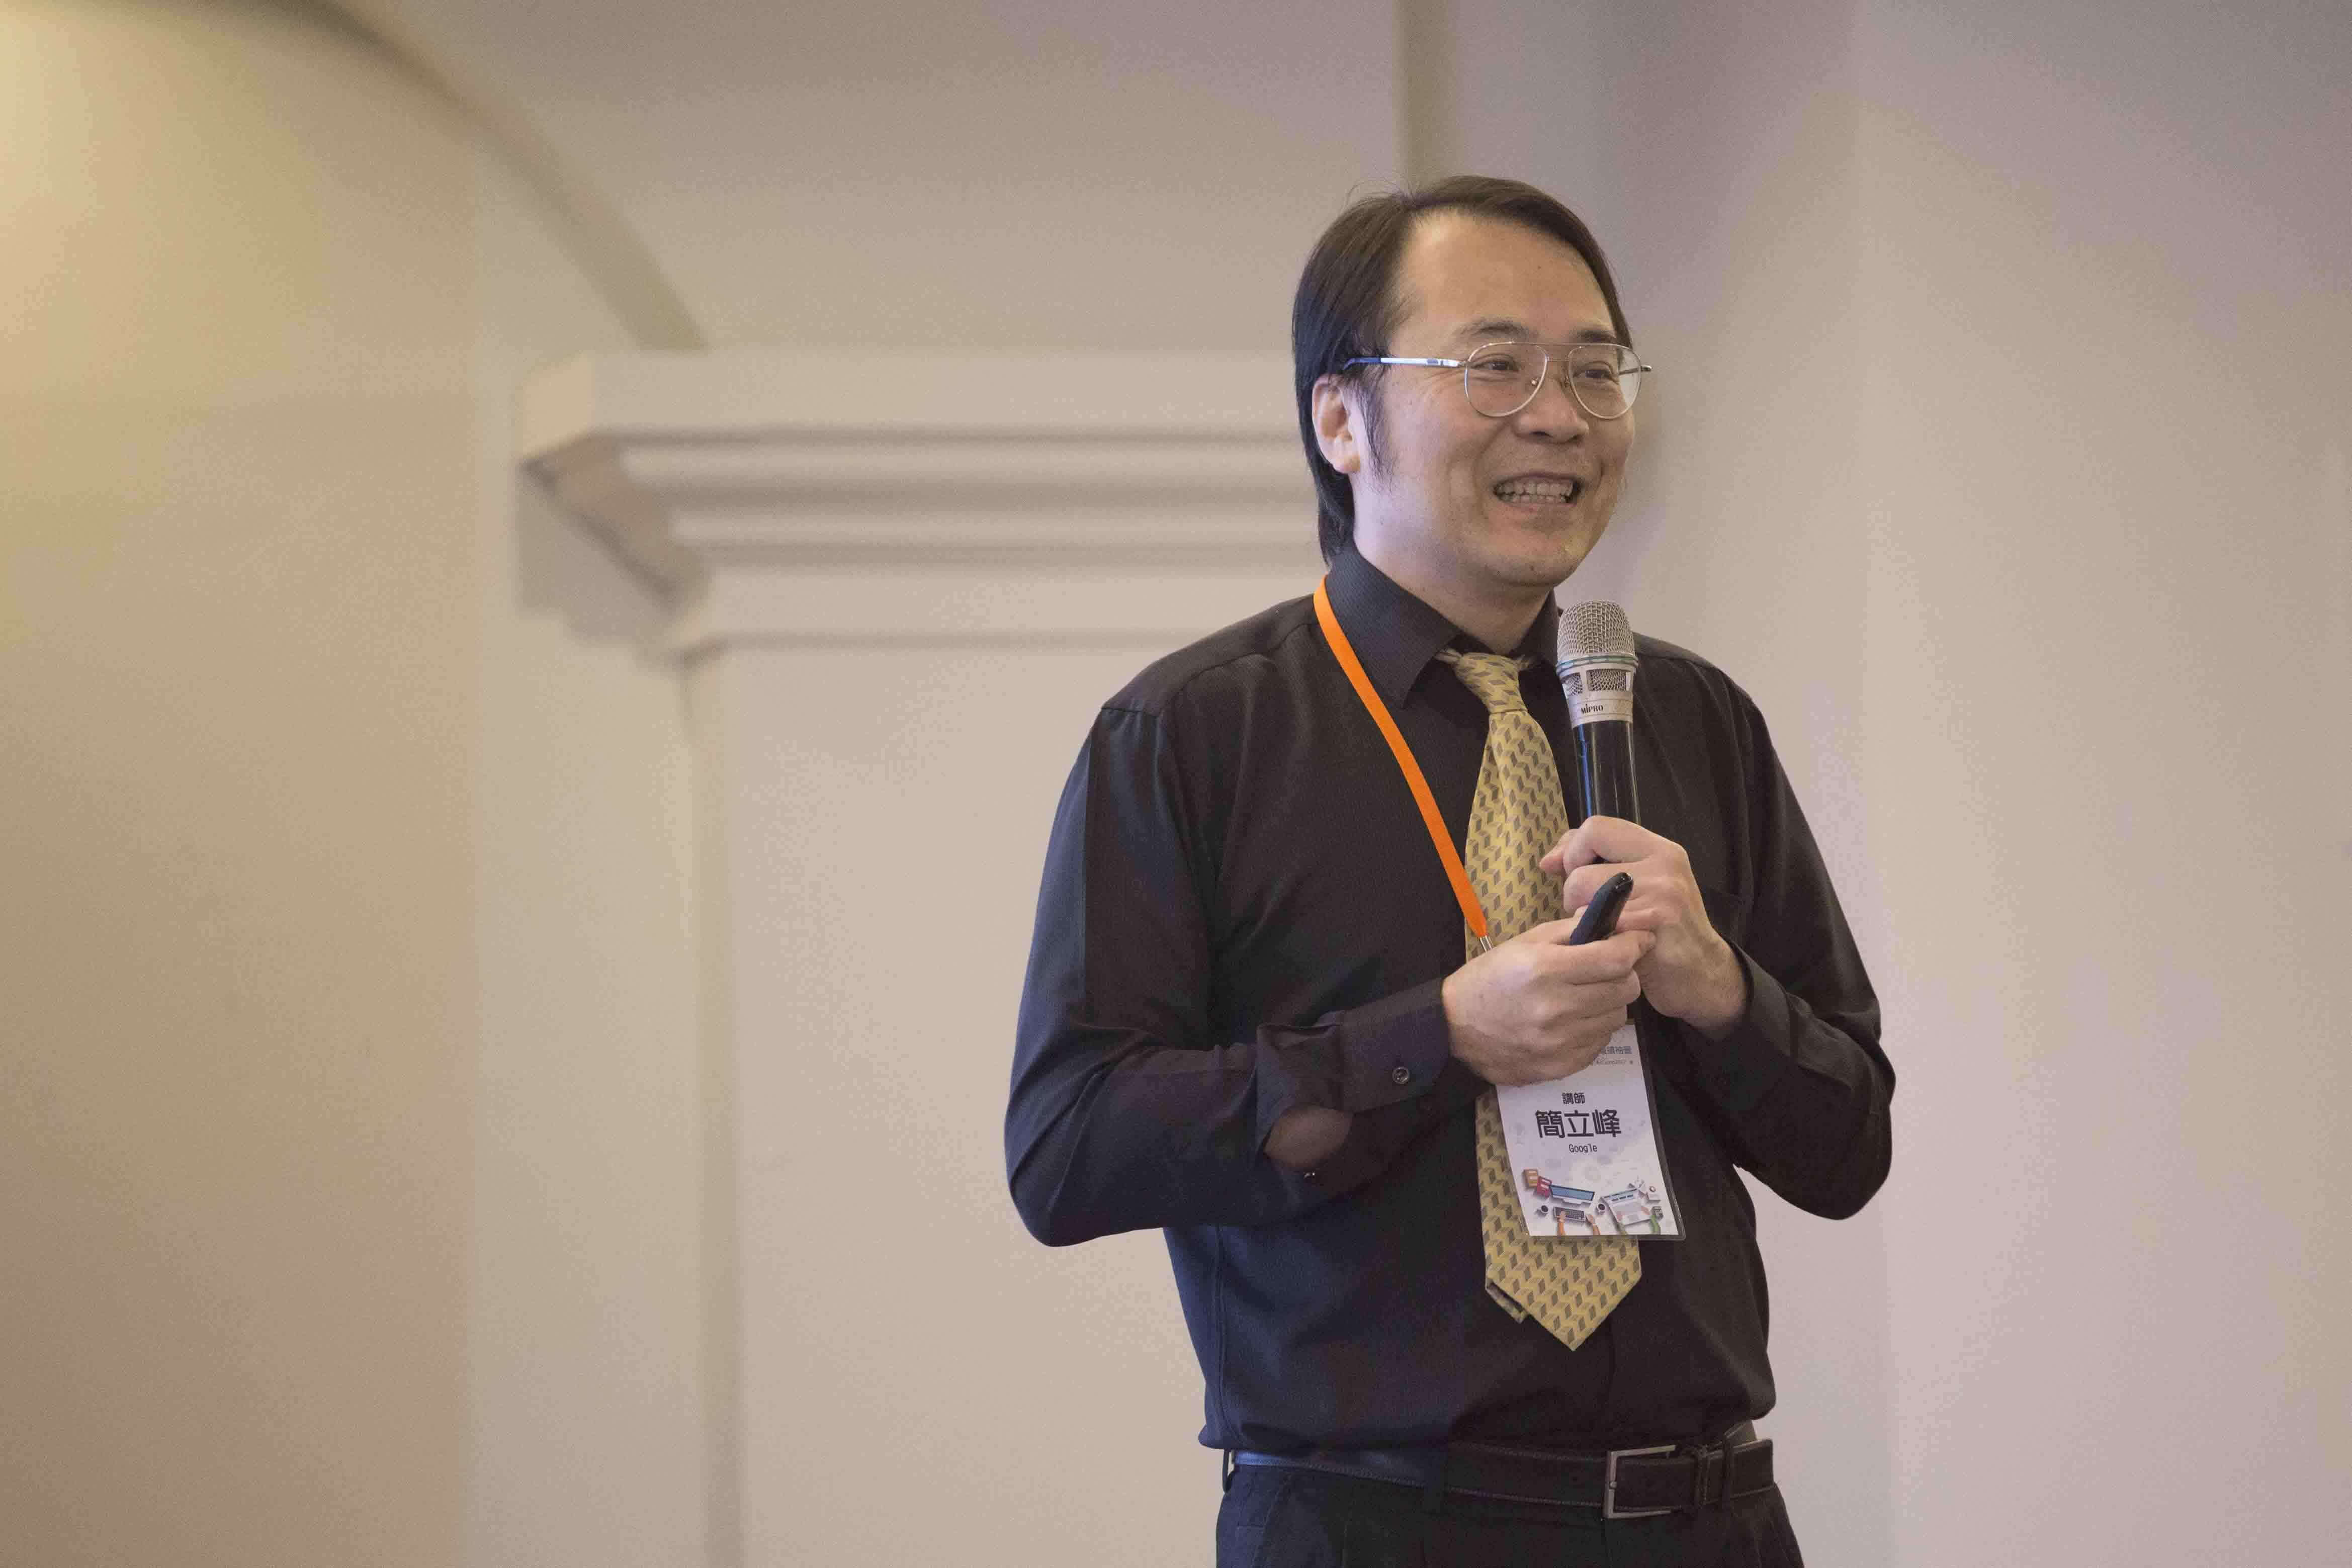 不是每個戀曲,都有美好回憶。而 Google 臺灣董事總經理簡立峰,在人工智慧跨域領袖營中提到,不是每個問題都適合用 AI 解決。 圖│研之有物